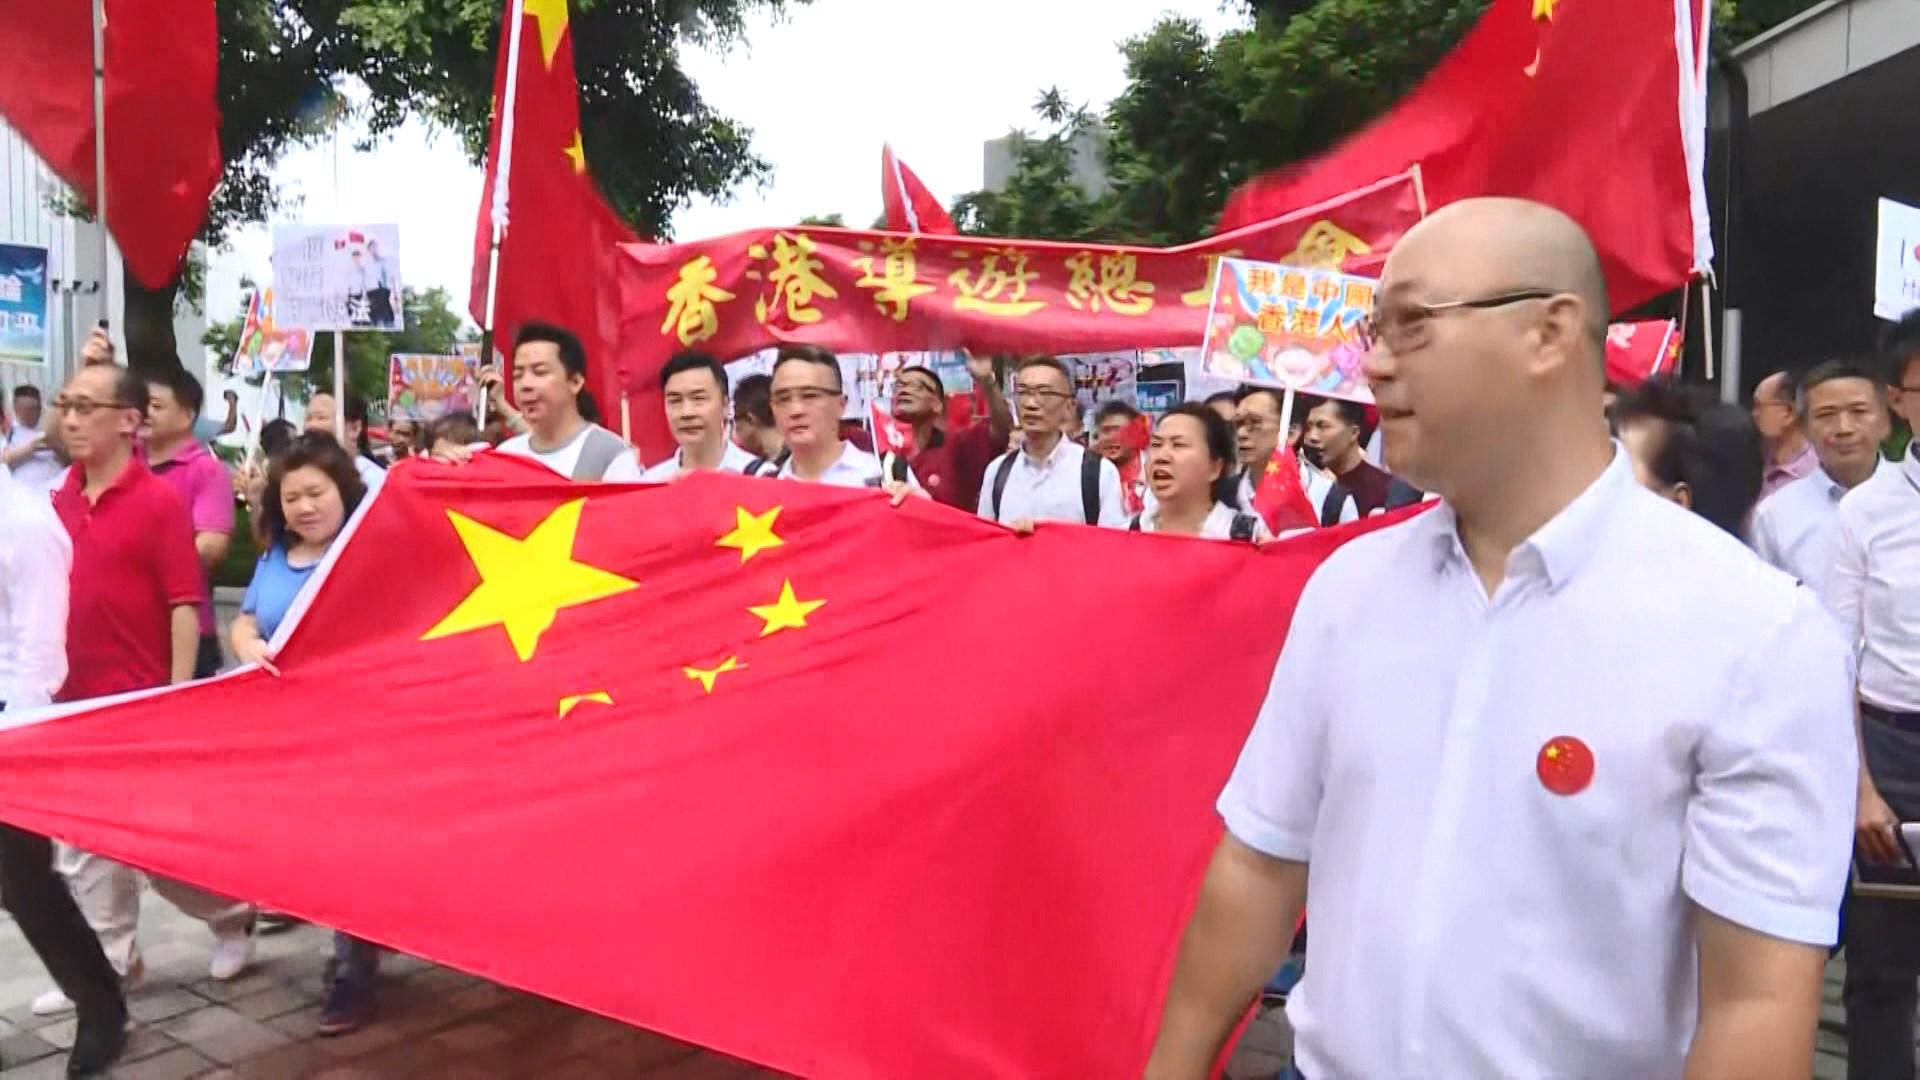 旅遊業界遊行抗議示威衝突影響生計